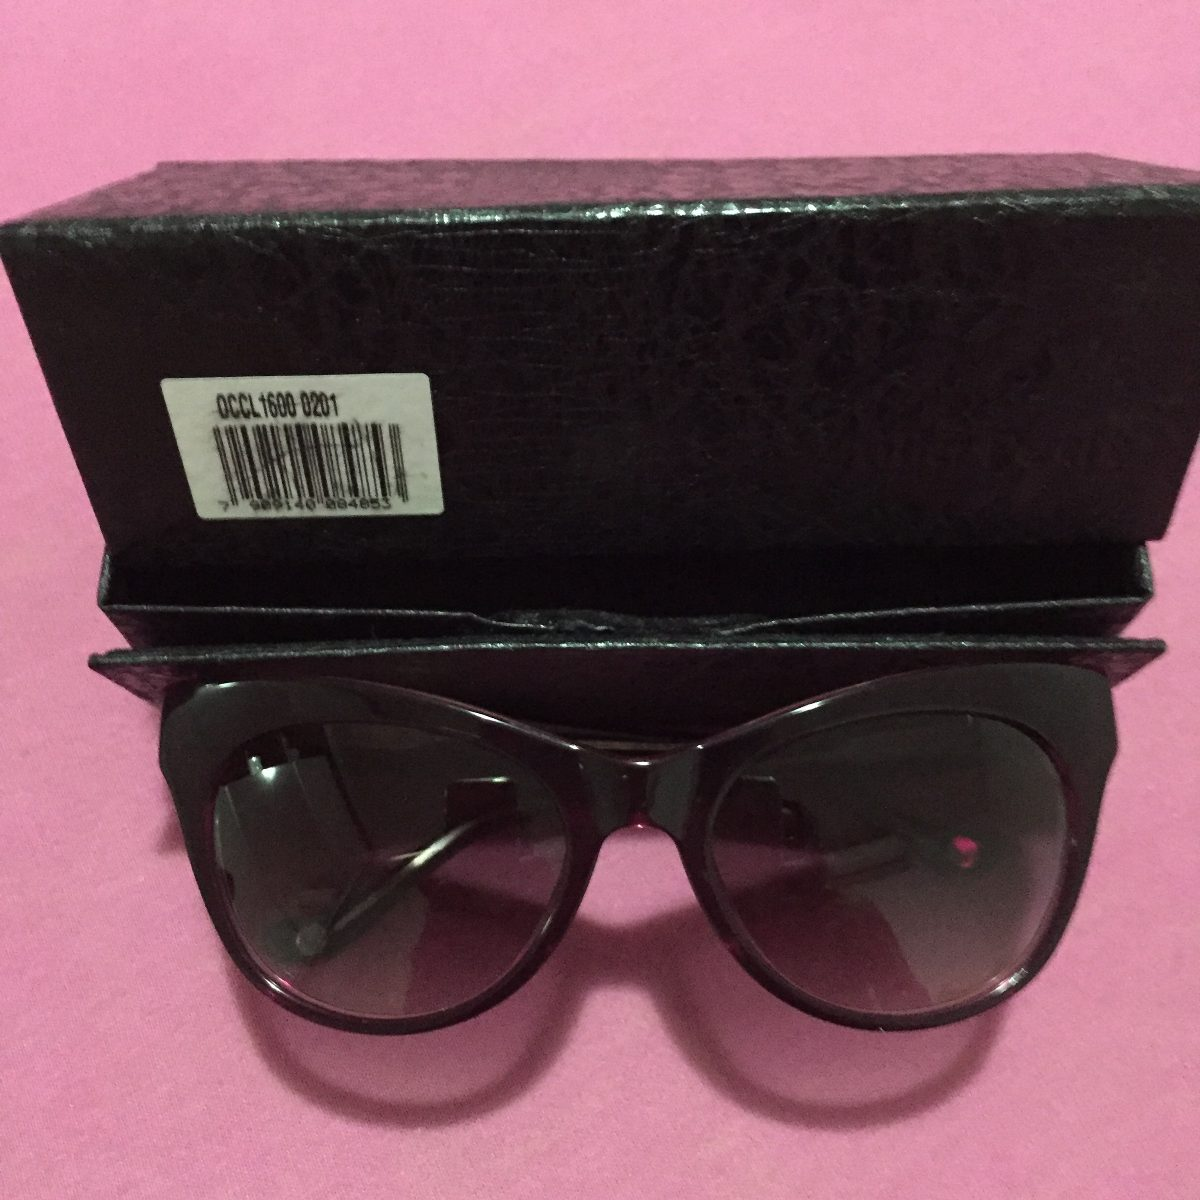 5b71abad34a8b Óculos Gatinho Chilli Beans Coleção Amy Winehouse - R  160